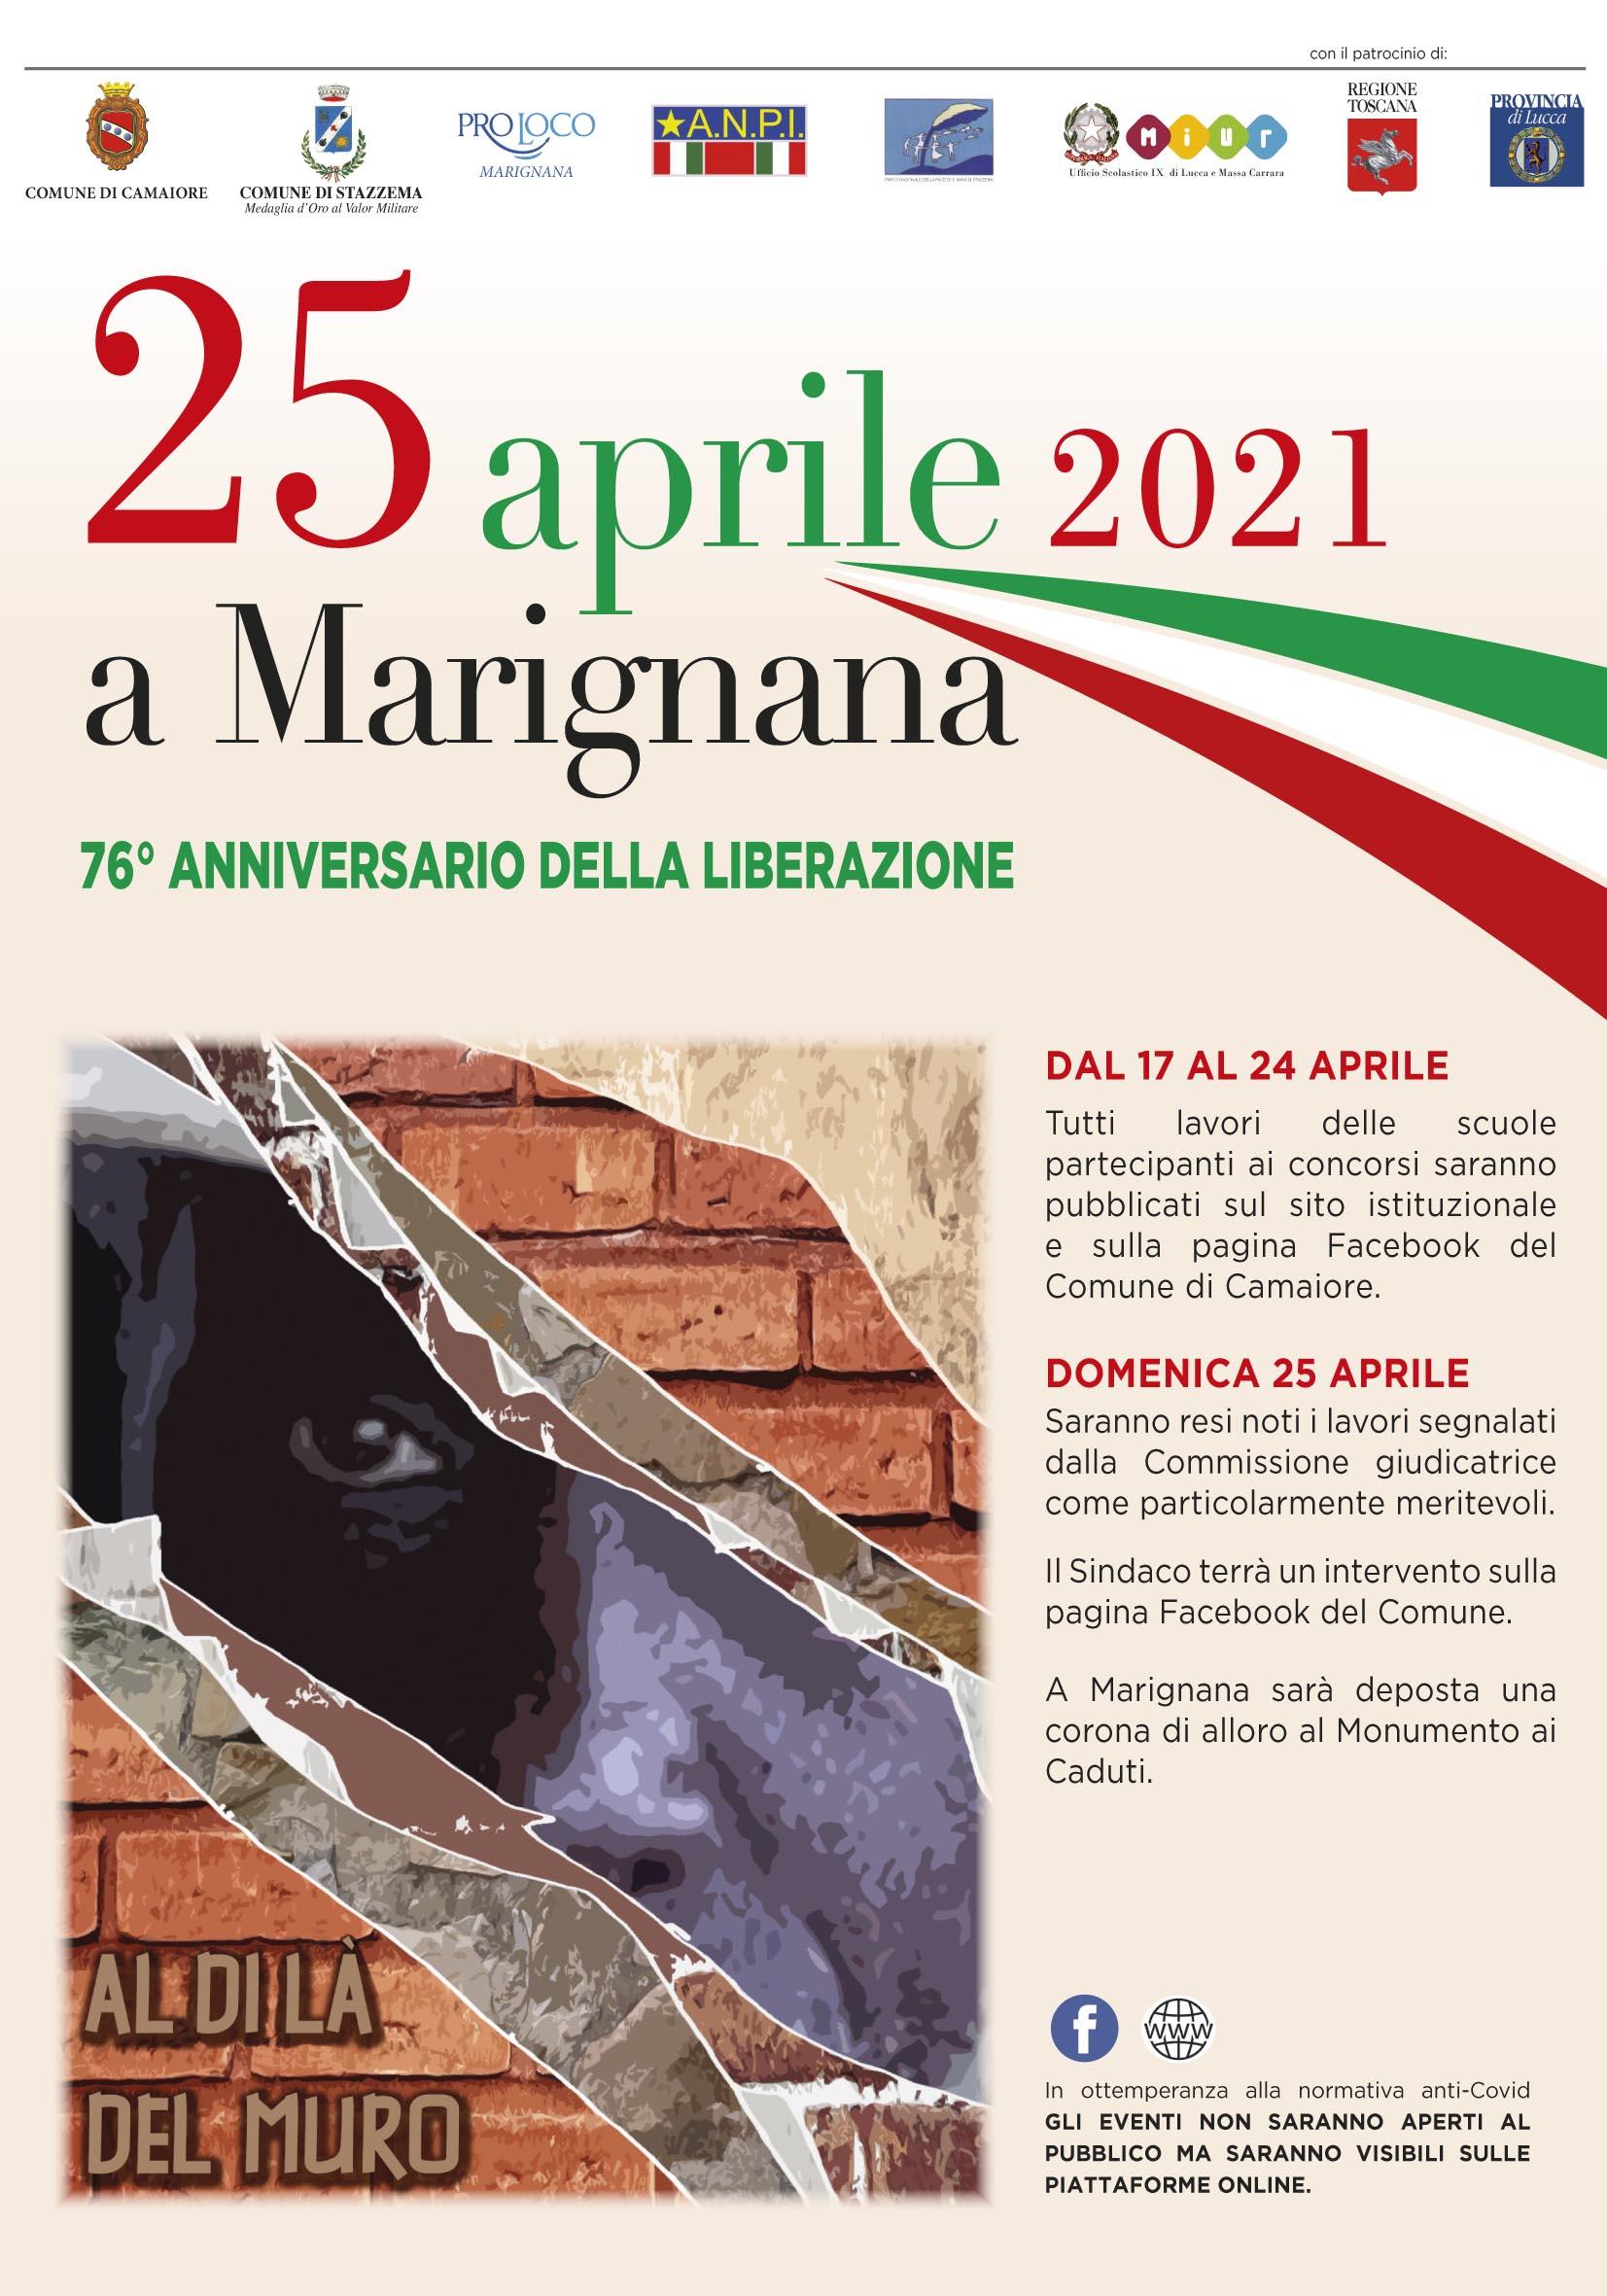 25 Aprile 2021 a Marignana 76° anniversario della Liberazione - le opere in concorso